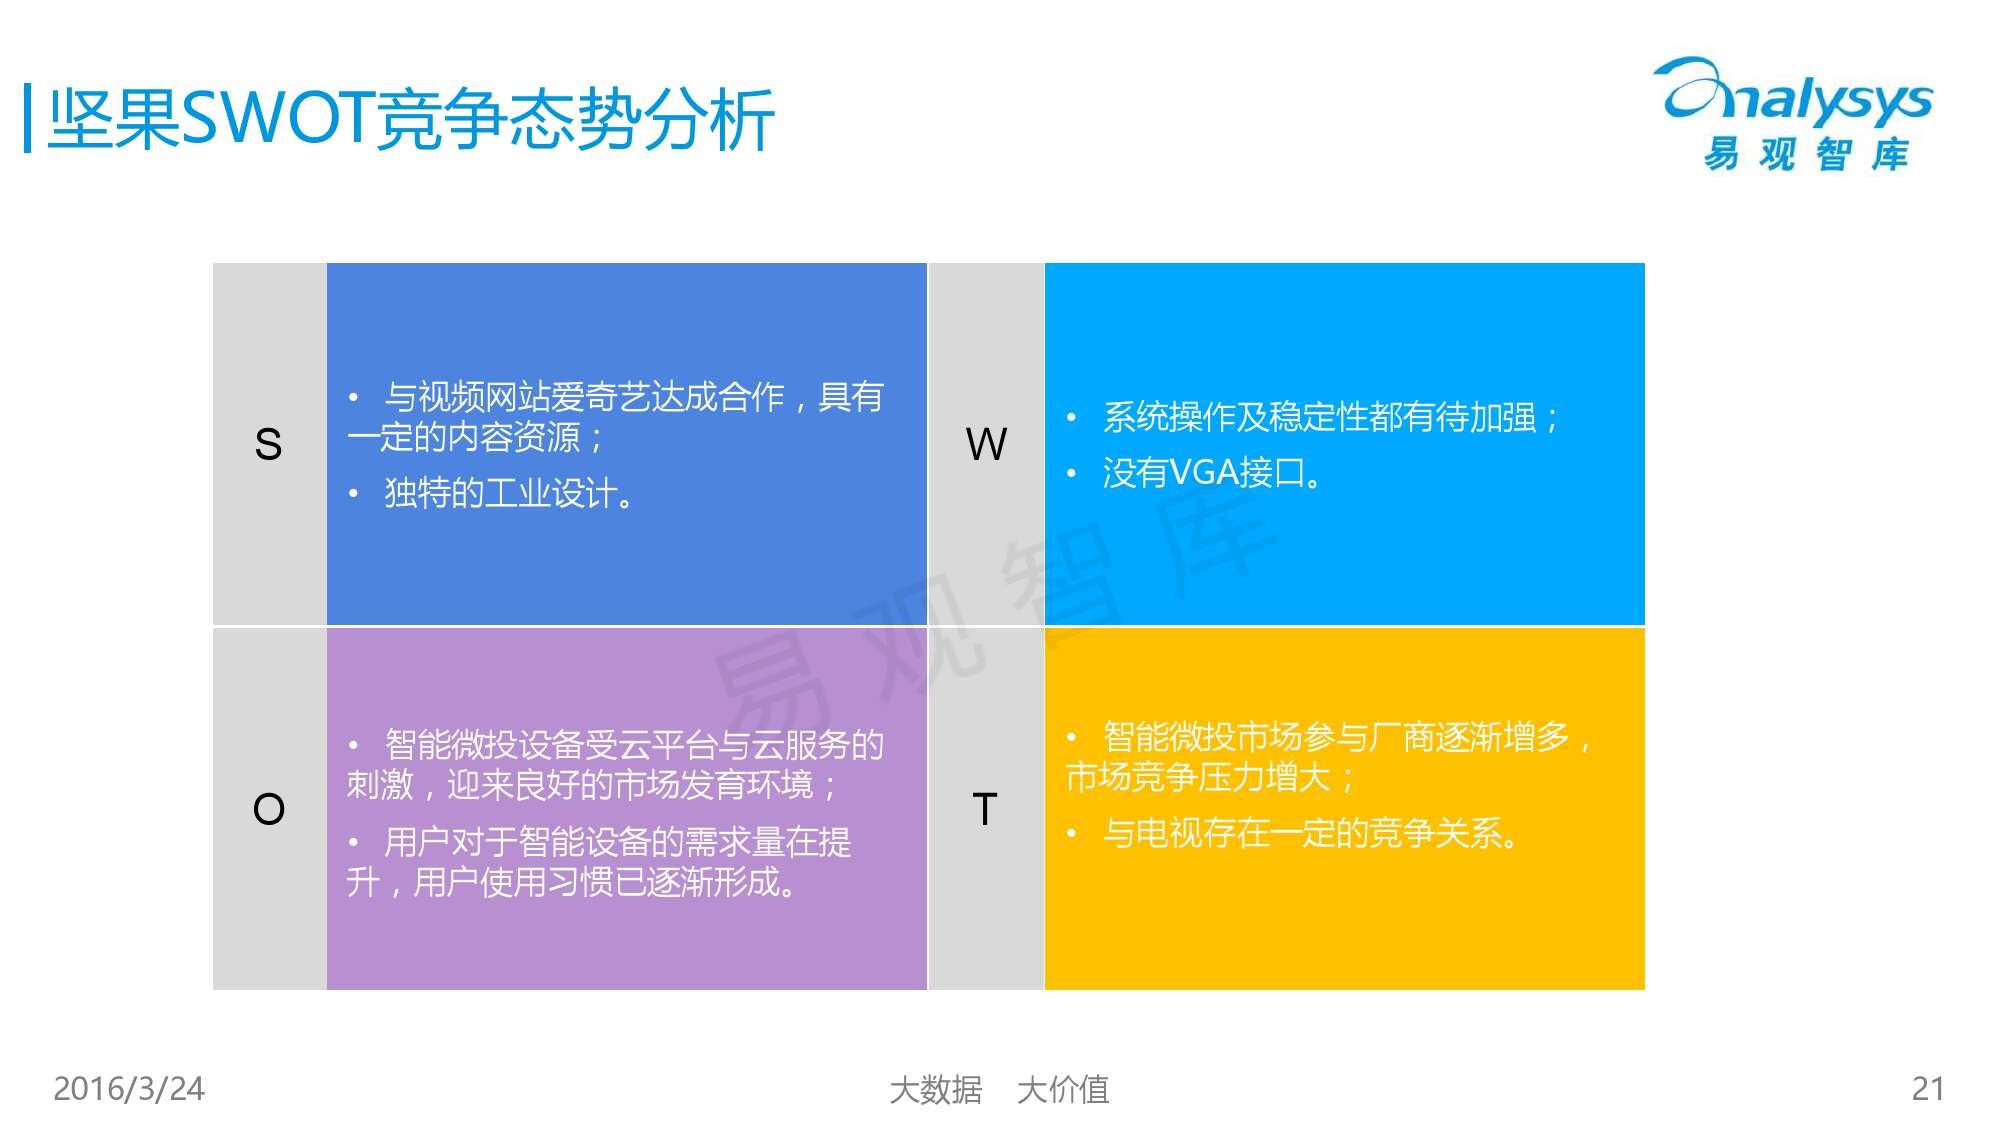 中国智能微投市场专题研究报告2016_000021